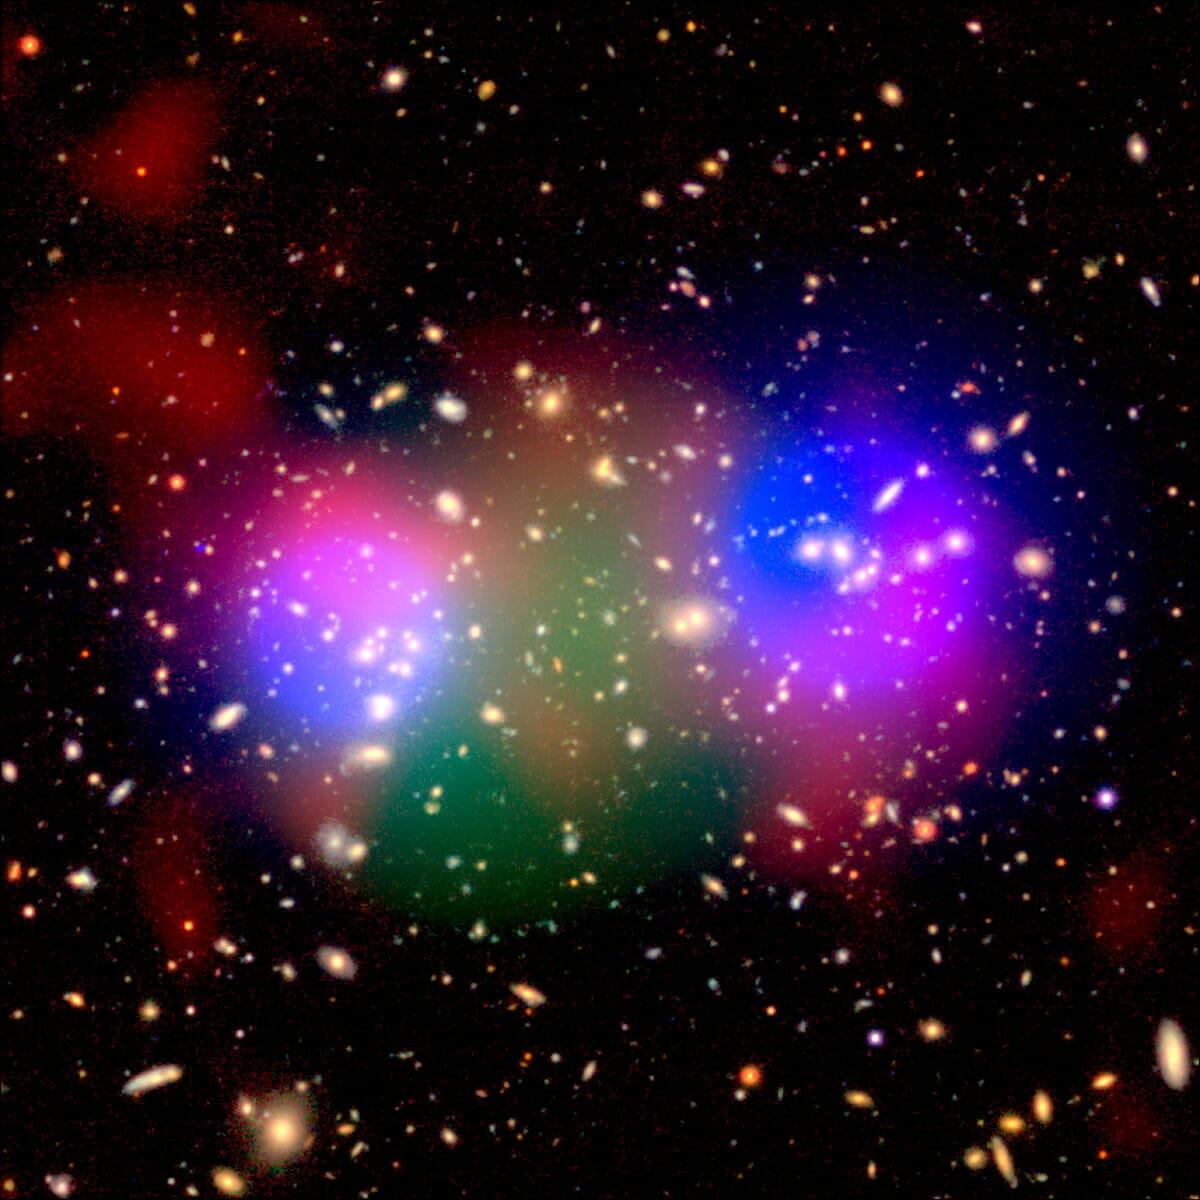 銀河団「HSC J023336-053022」の多波長での観測結果を示した画像。青色:ダークマターの分布、緑色:X線による高温ガスの分布、赤色:電波による高温・高圧なガスの分布を示す。背景はすばる望遠鏡が撮影した画像(Credit: GBT/NSF/NAOJ/HSC-SSP/ESA/XMM-Newton/XXL survey consortium)